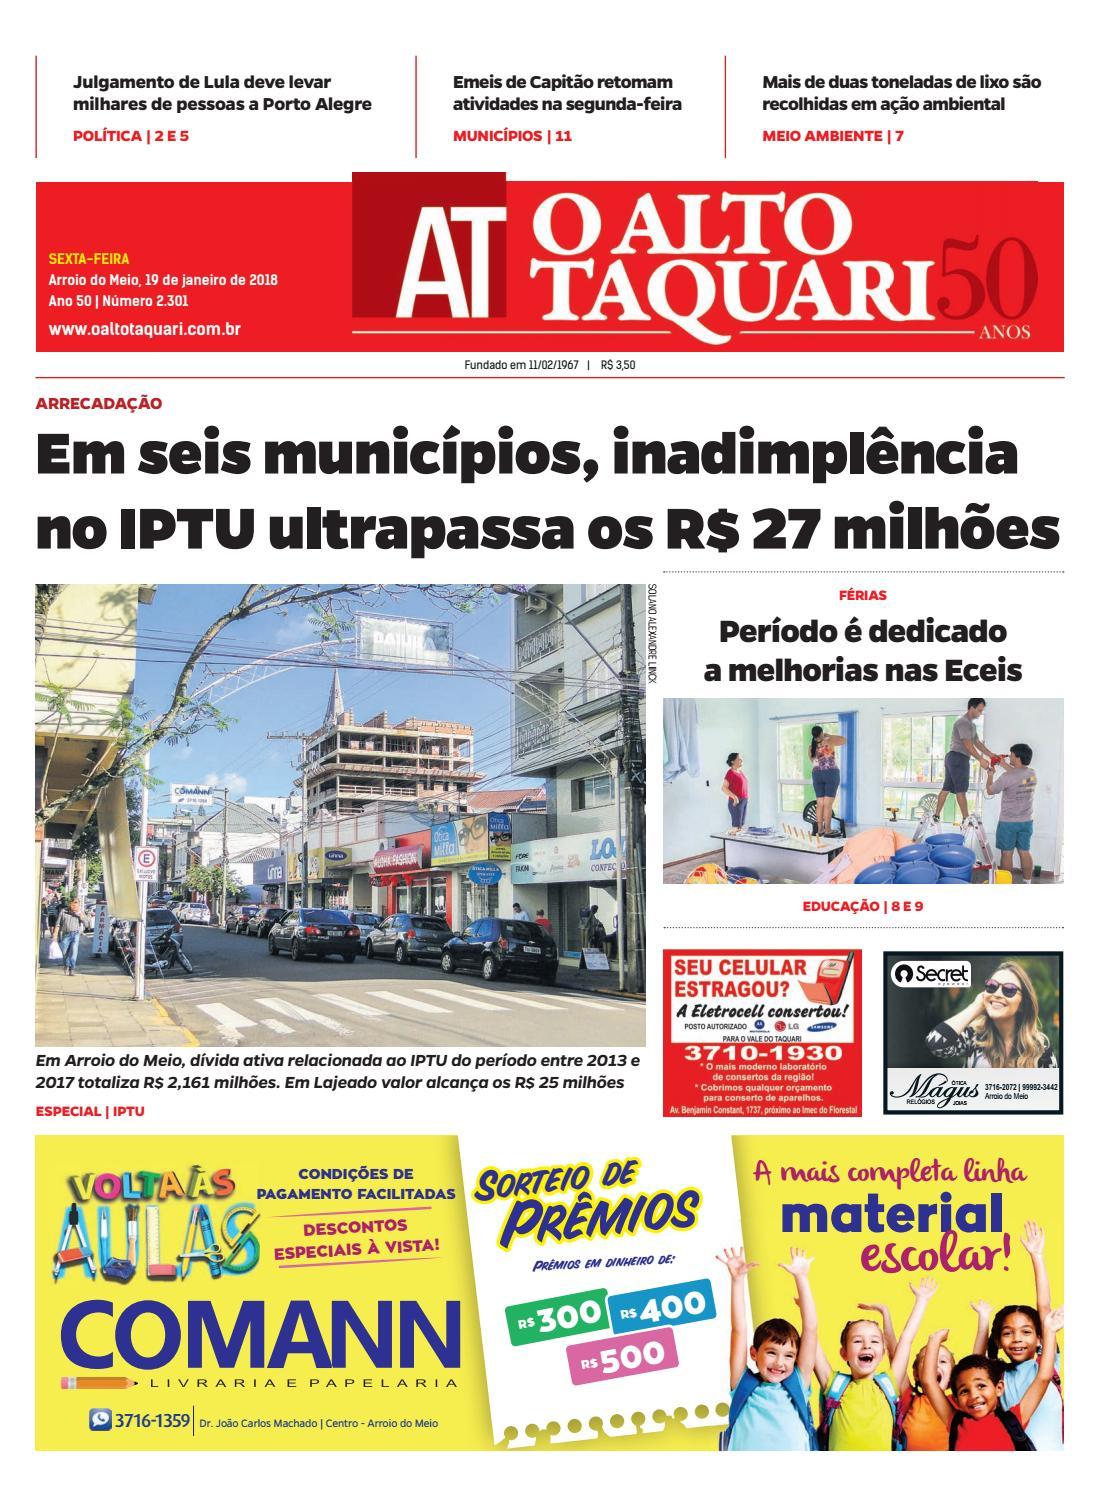 Jornal O Alto Taquari - 19 de janeiro de 2018 by Jornal O Alto Taquari -  issuu 43fc17e83f